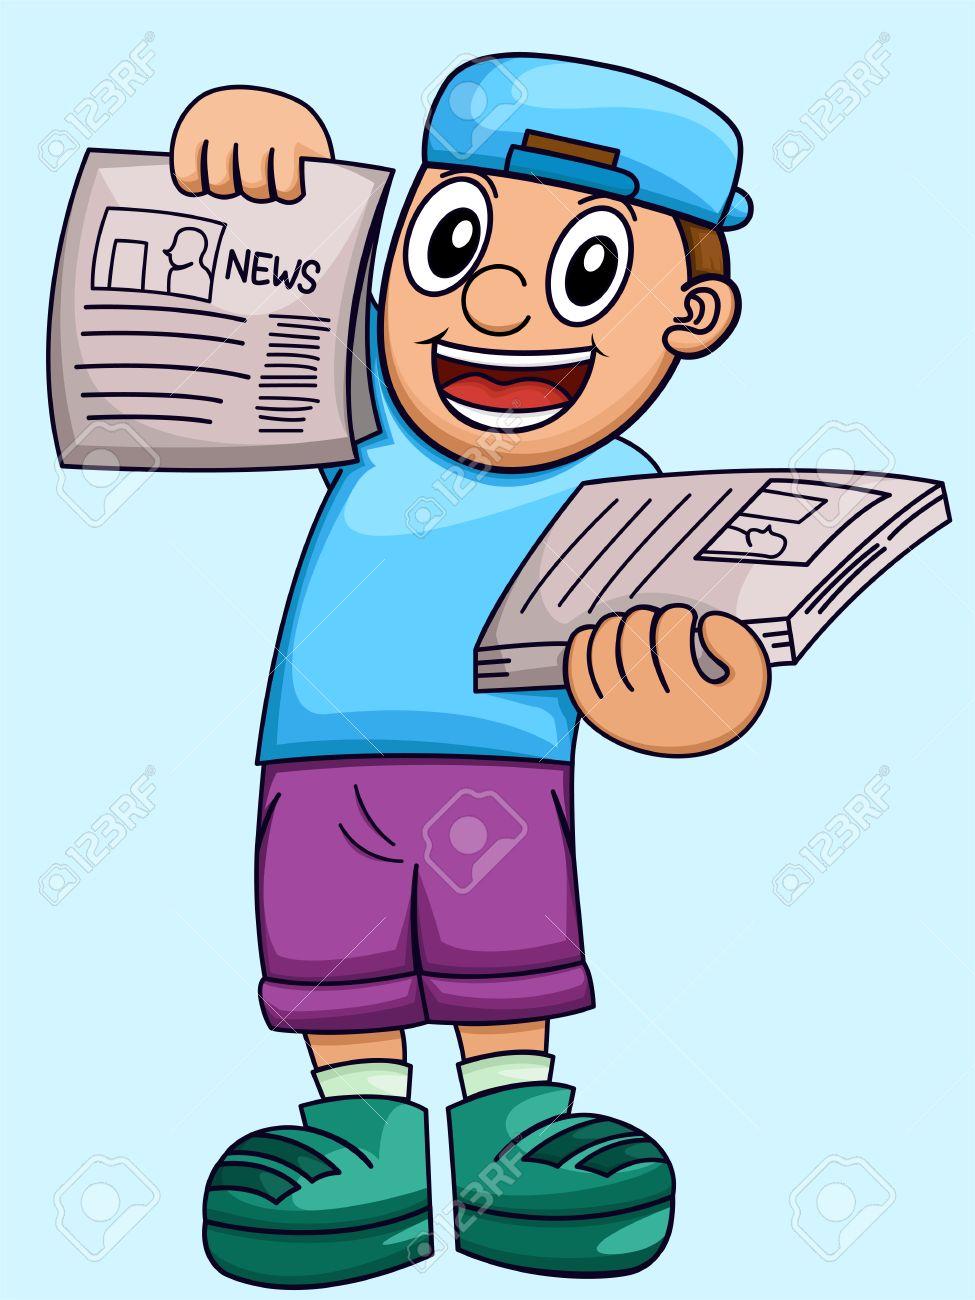 Ilustración De Dibujos Animados De Un Periódico Que Vende Niño